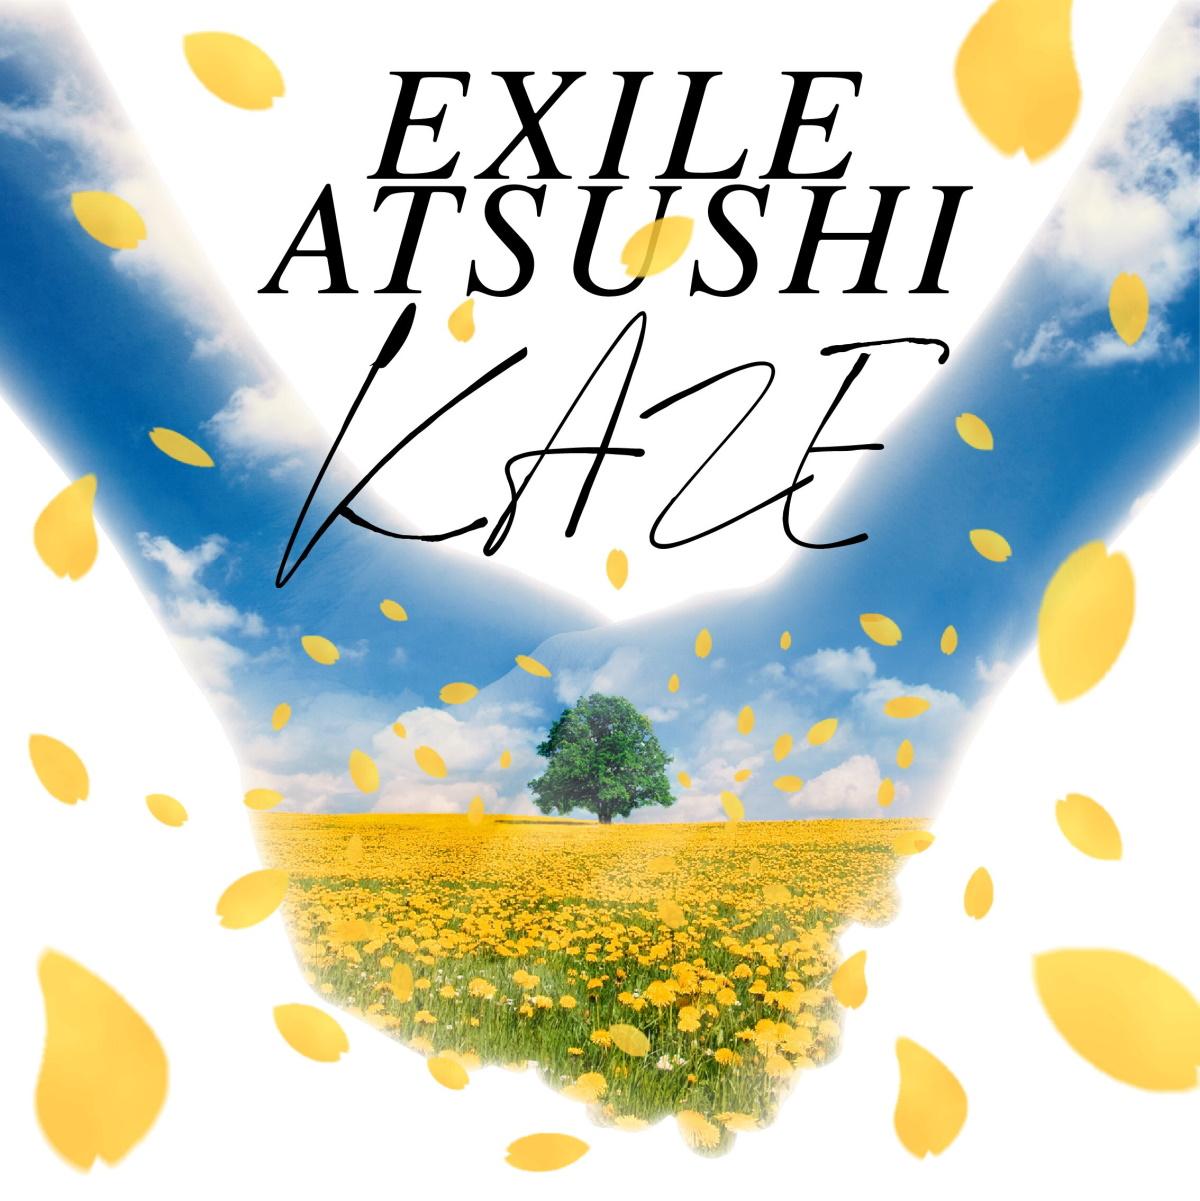 『EXILE ATSUSHI - KAZE 歌詞』収録の『KAZE』ジャケット